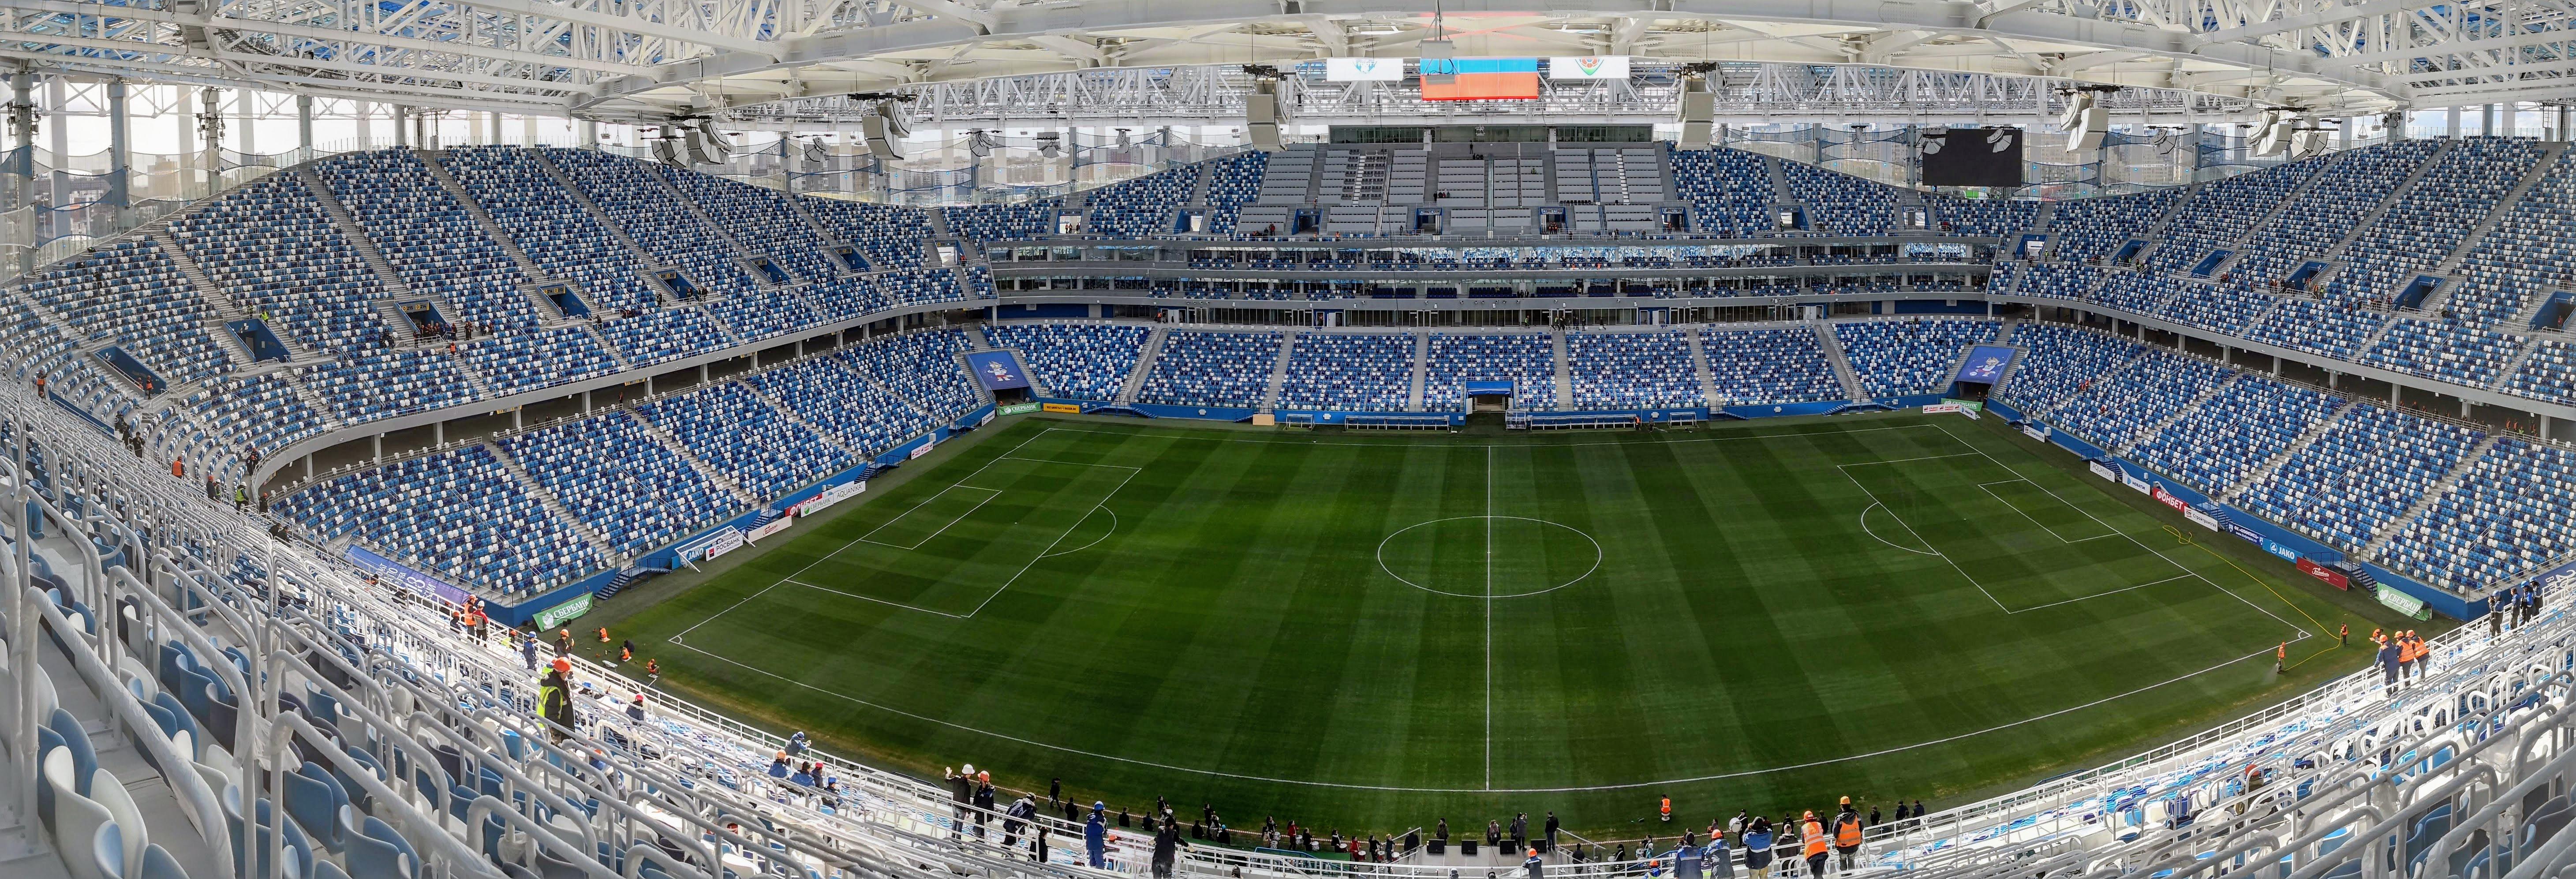 Чаша стадиона, вид с верхних секторов